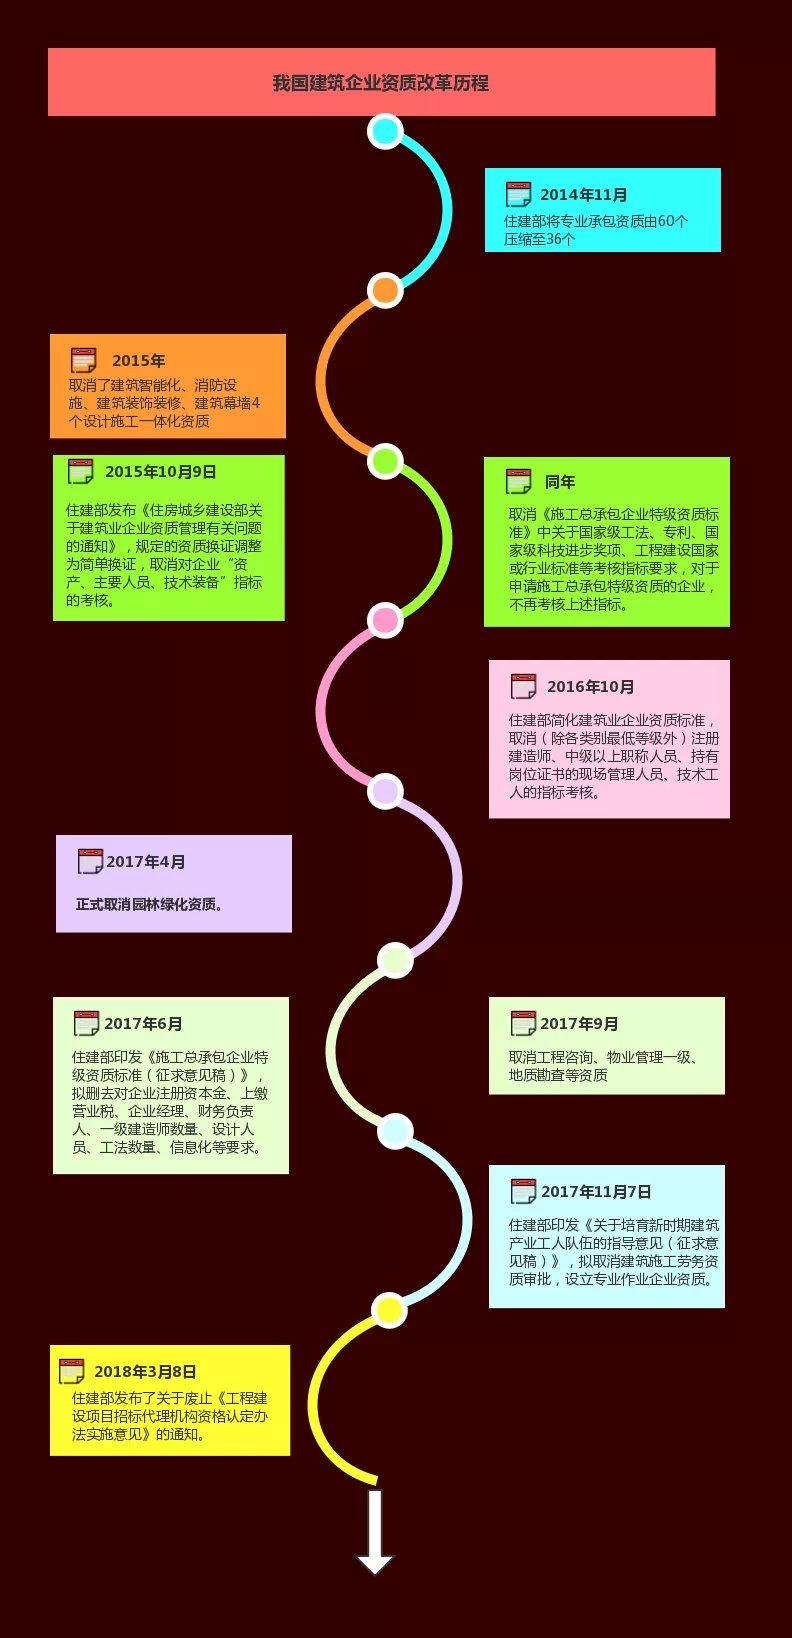 盘点中国建筑企业资质发展历程